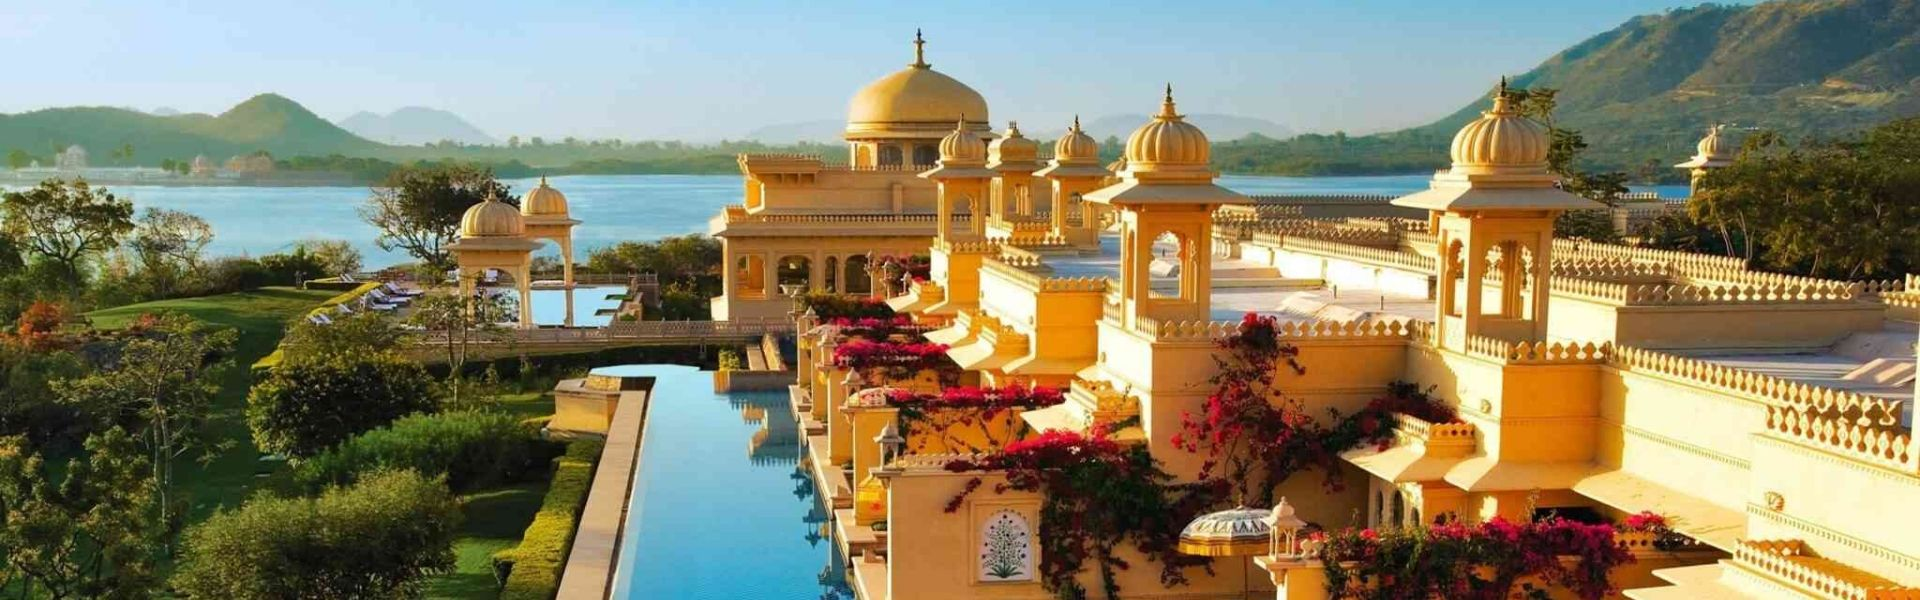 rajasthan tourism,india tour,travel india